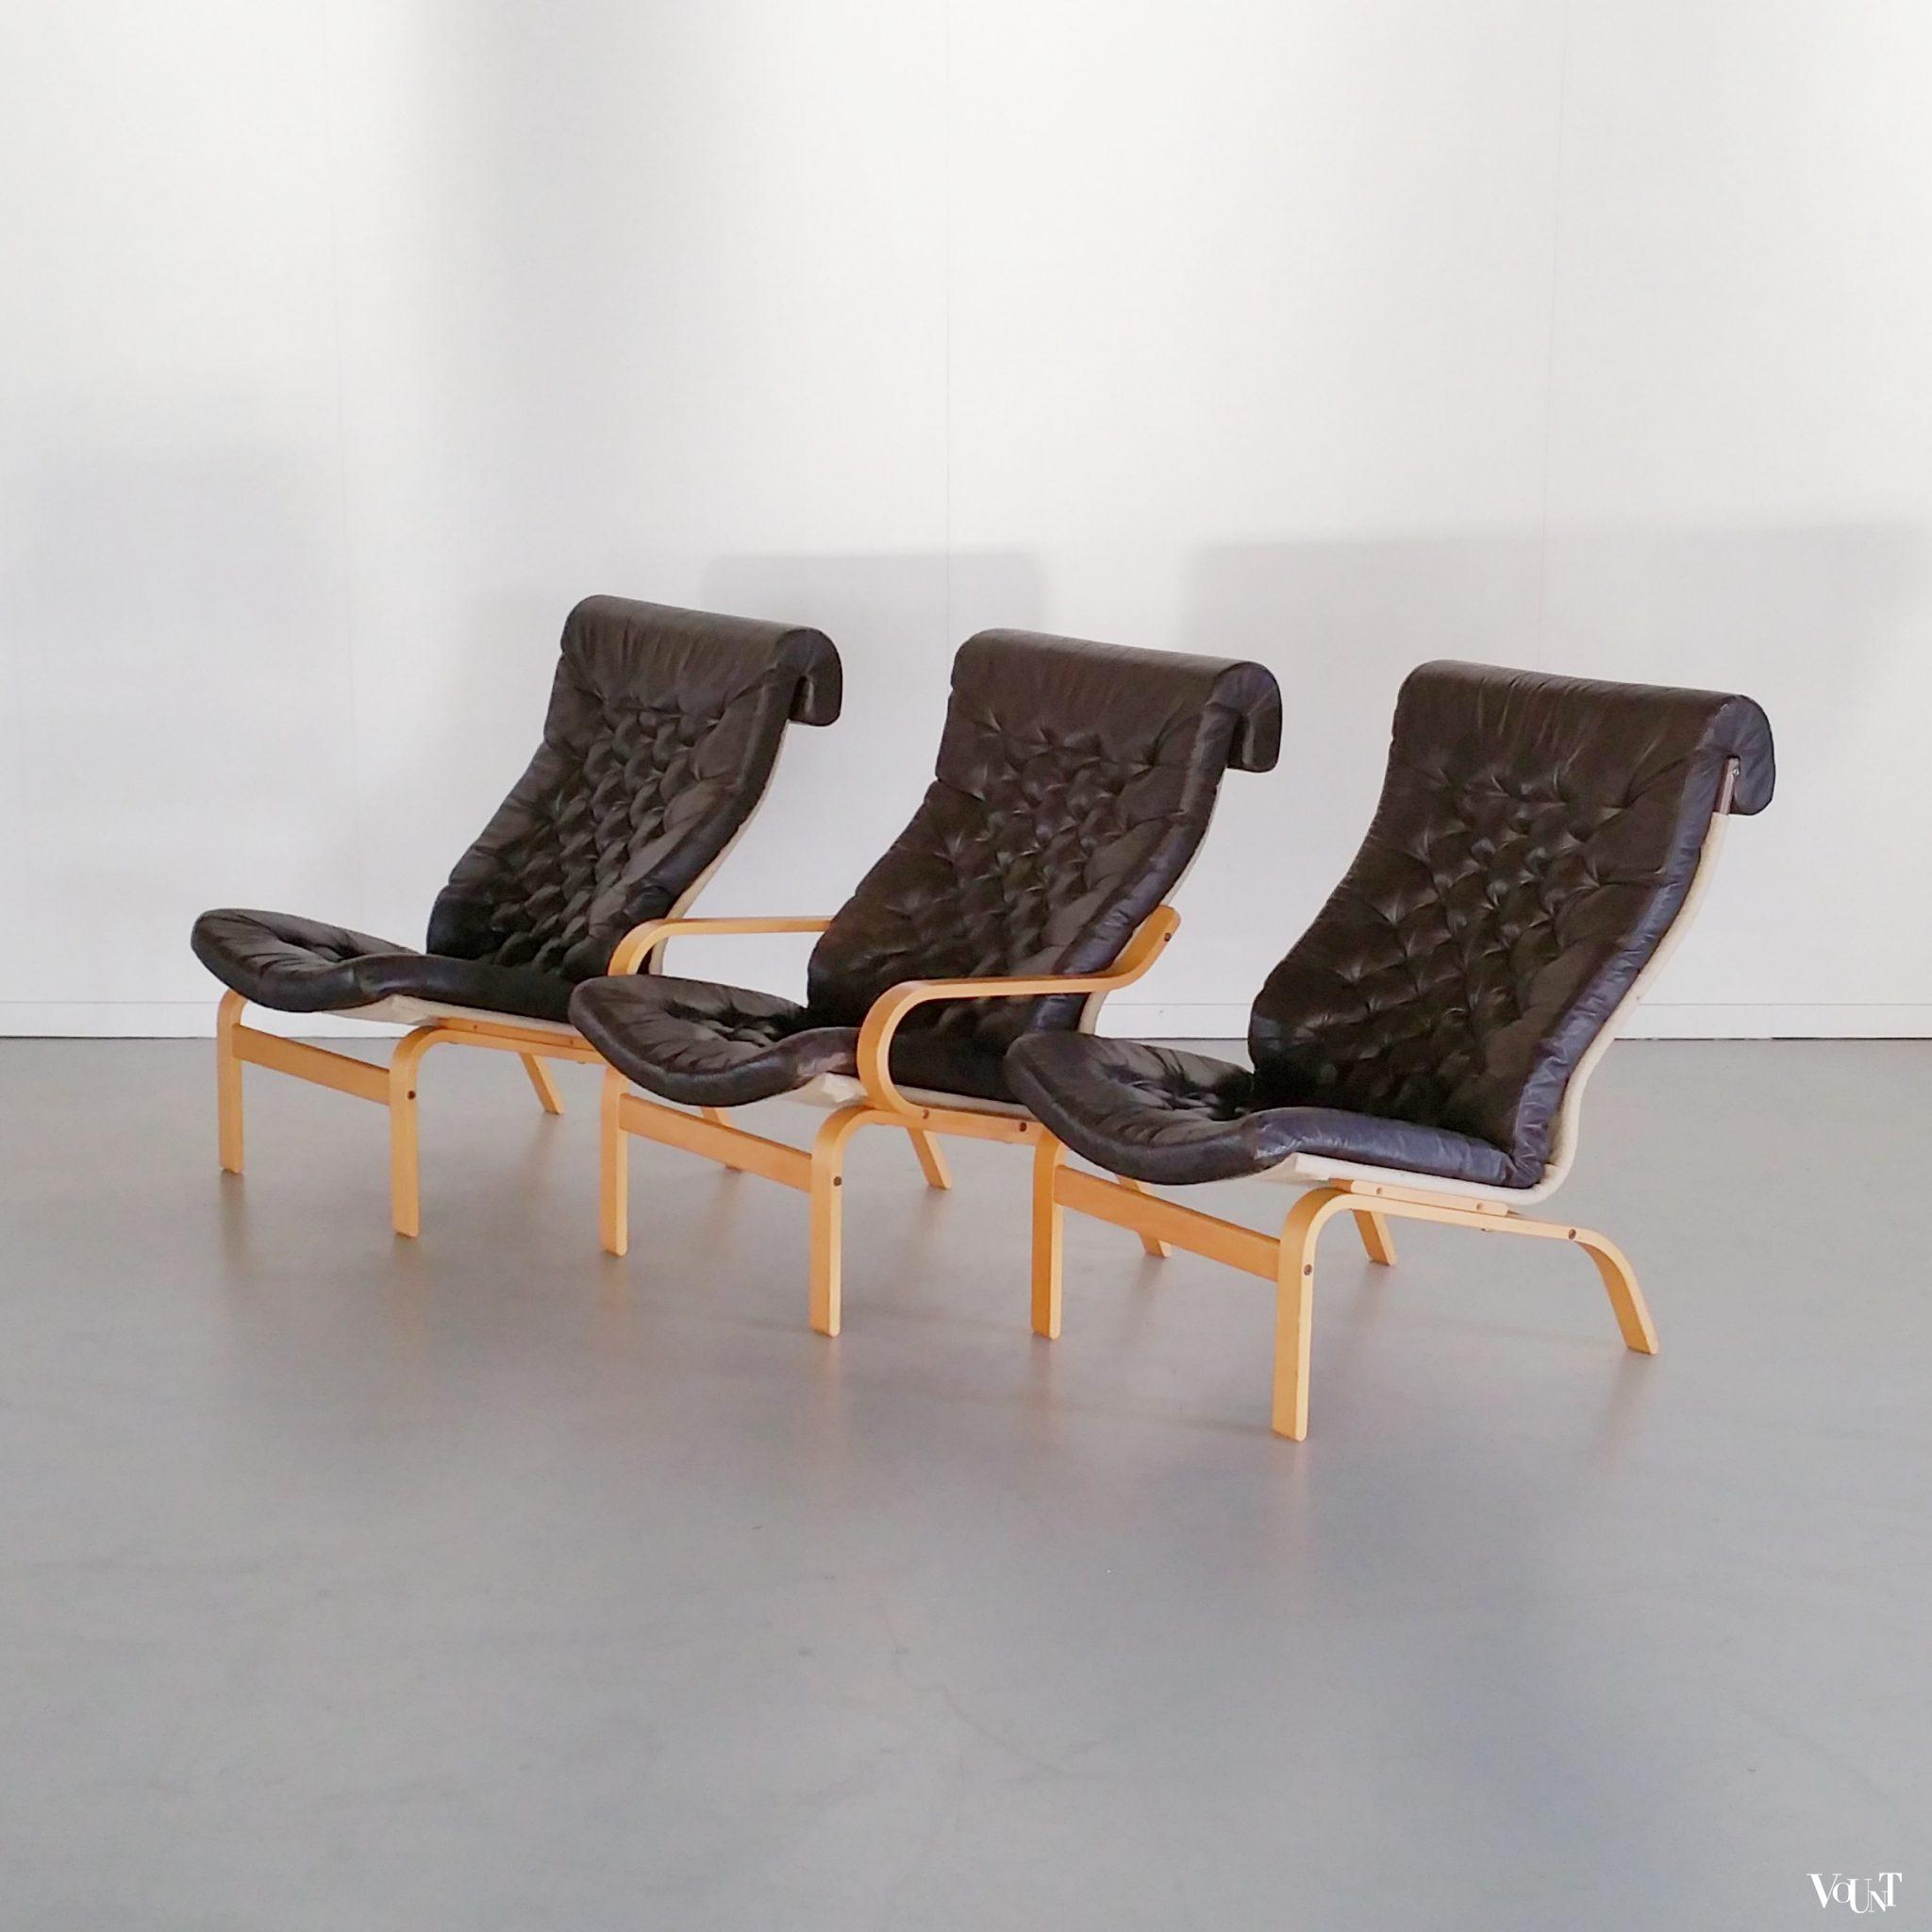 Ikea Leren Stoel.Zweedse Vintage Fauteuil Noboru Nakamura Voor Ikea Jaren 70